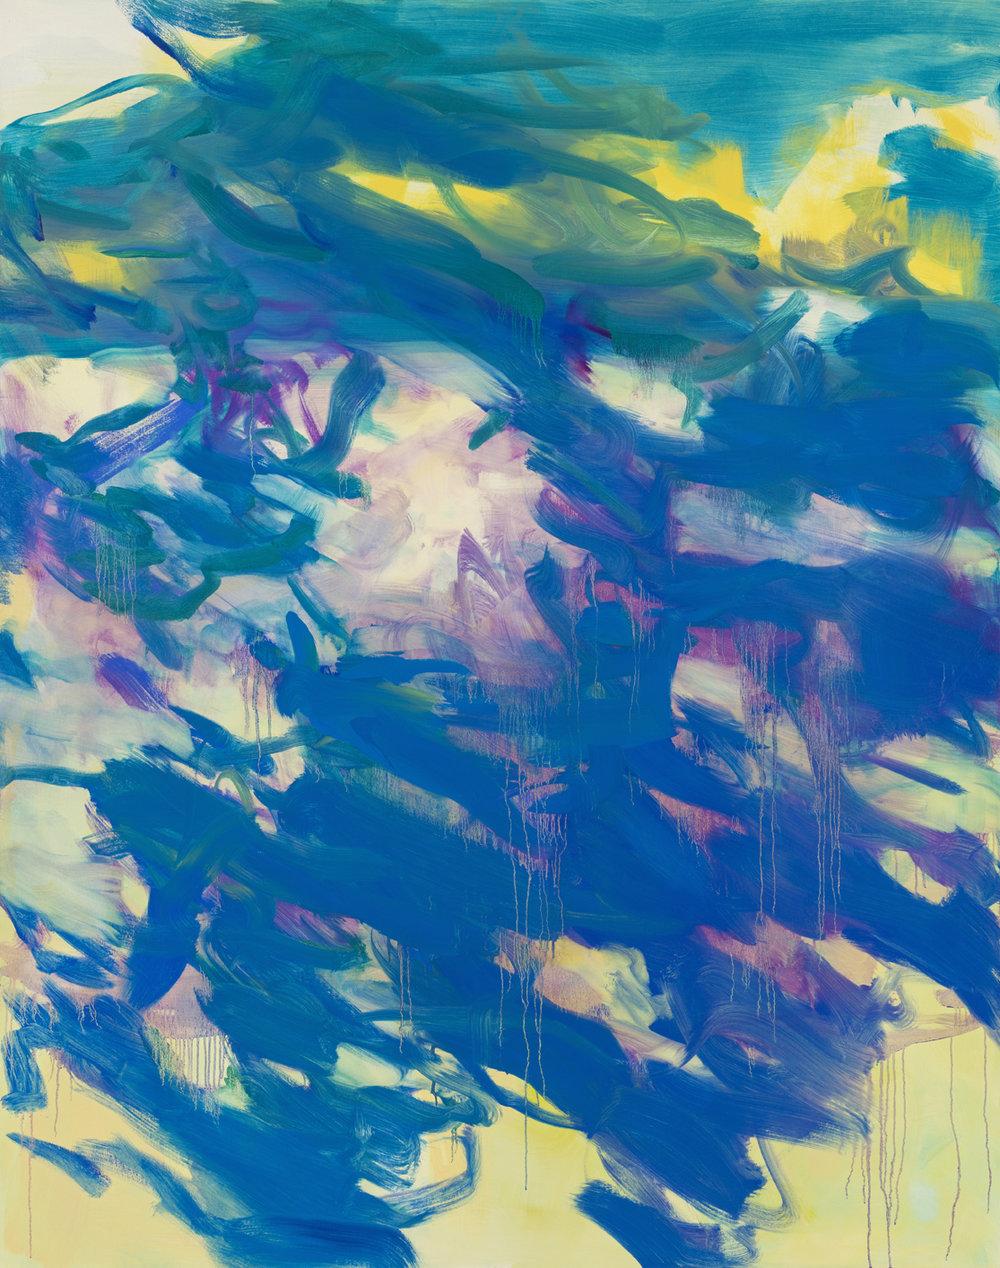 Blue Rapture  2017  Oil on canvas  190 x 150cm